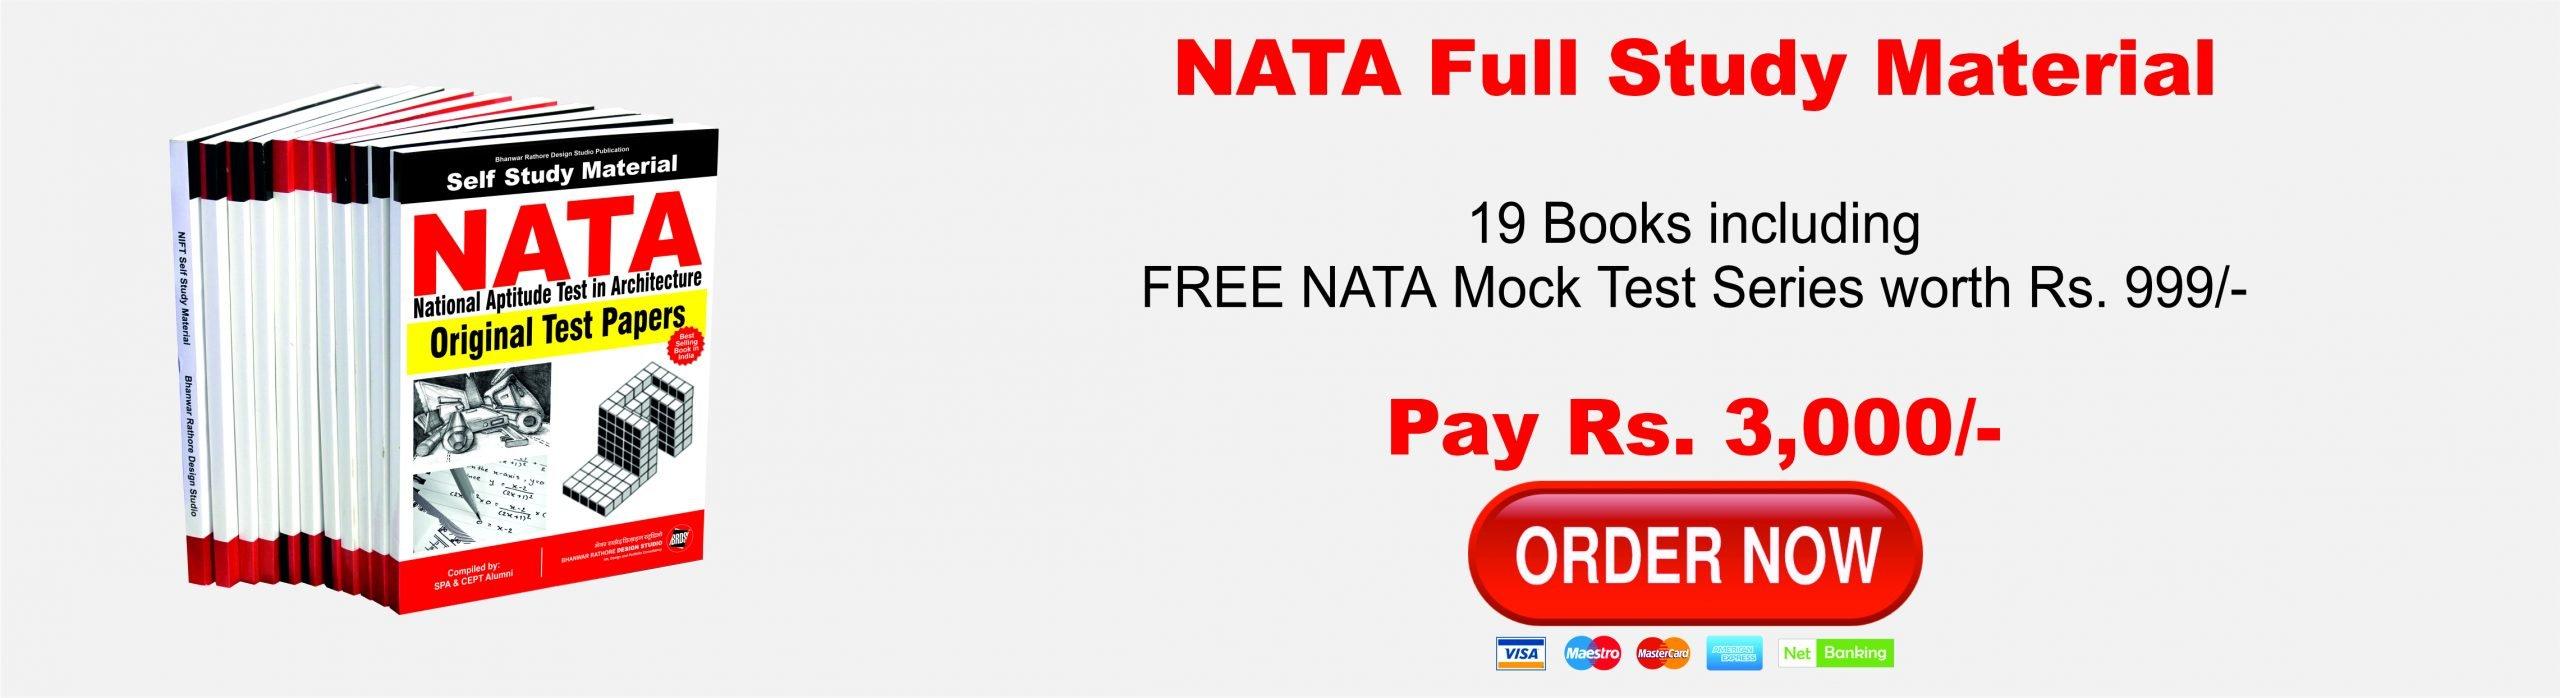 NATA Full Study Material 2019